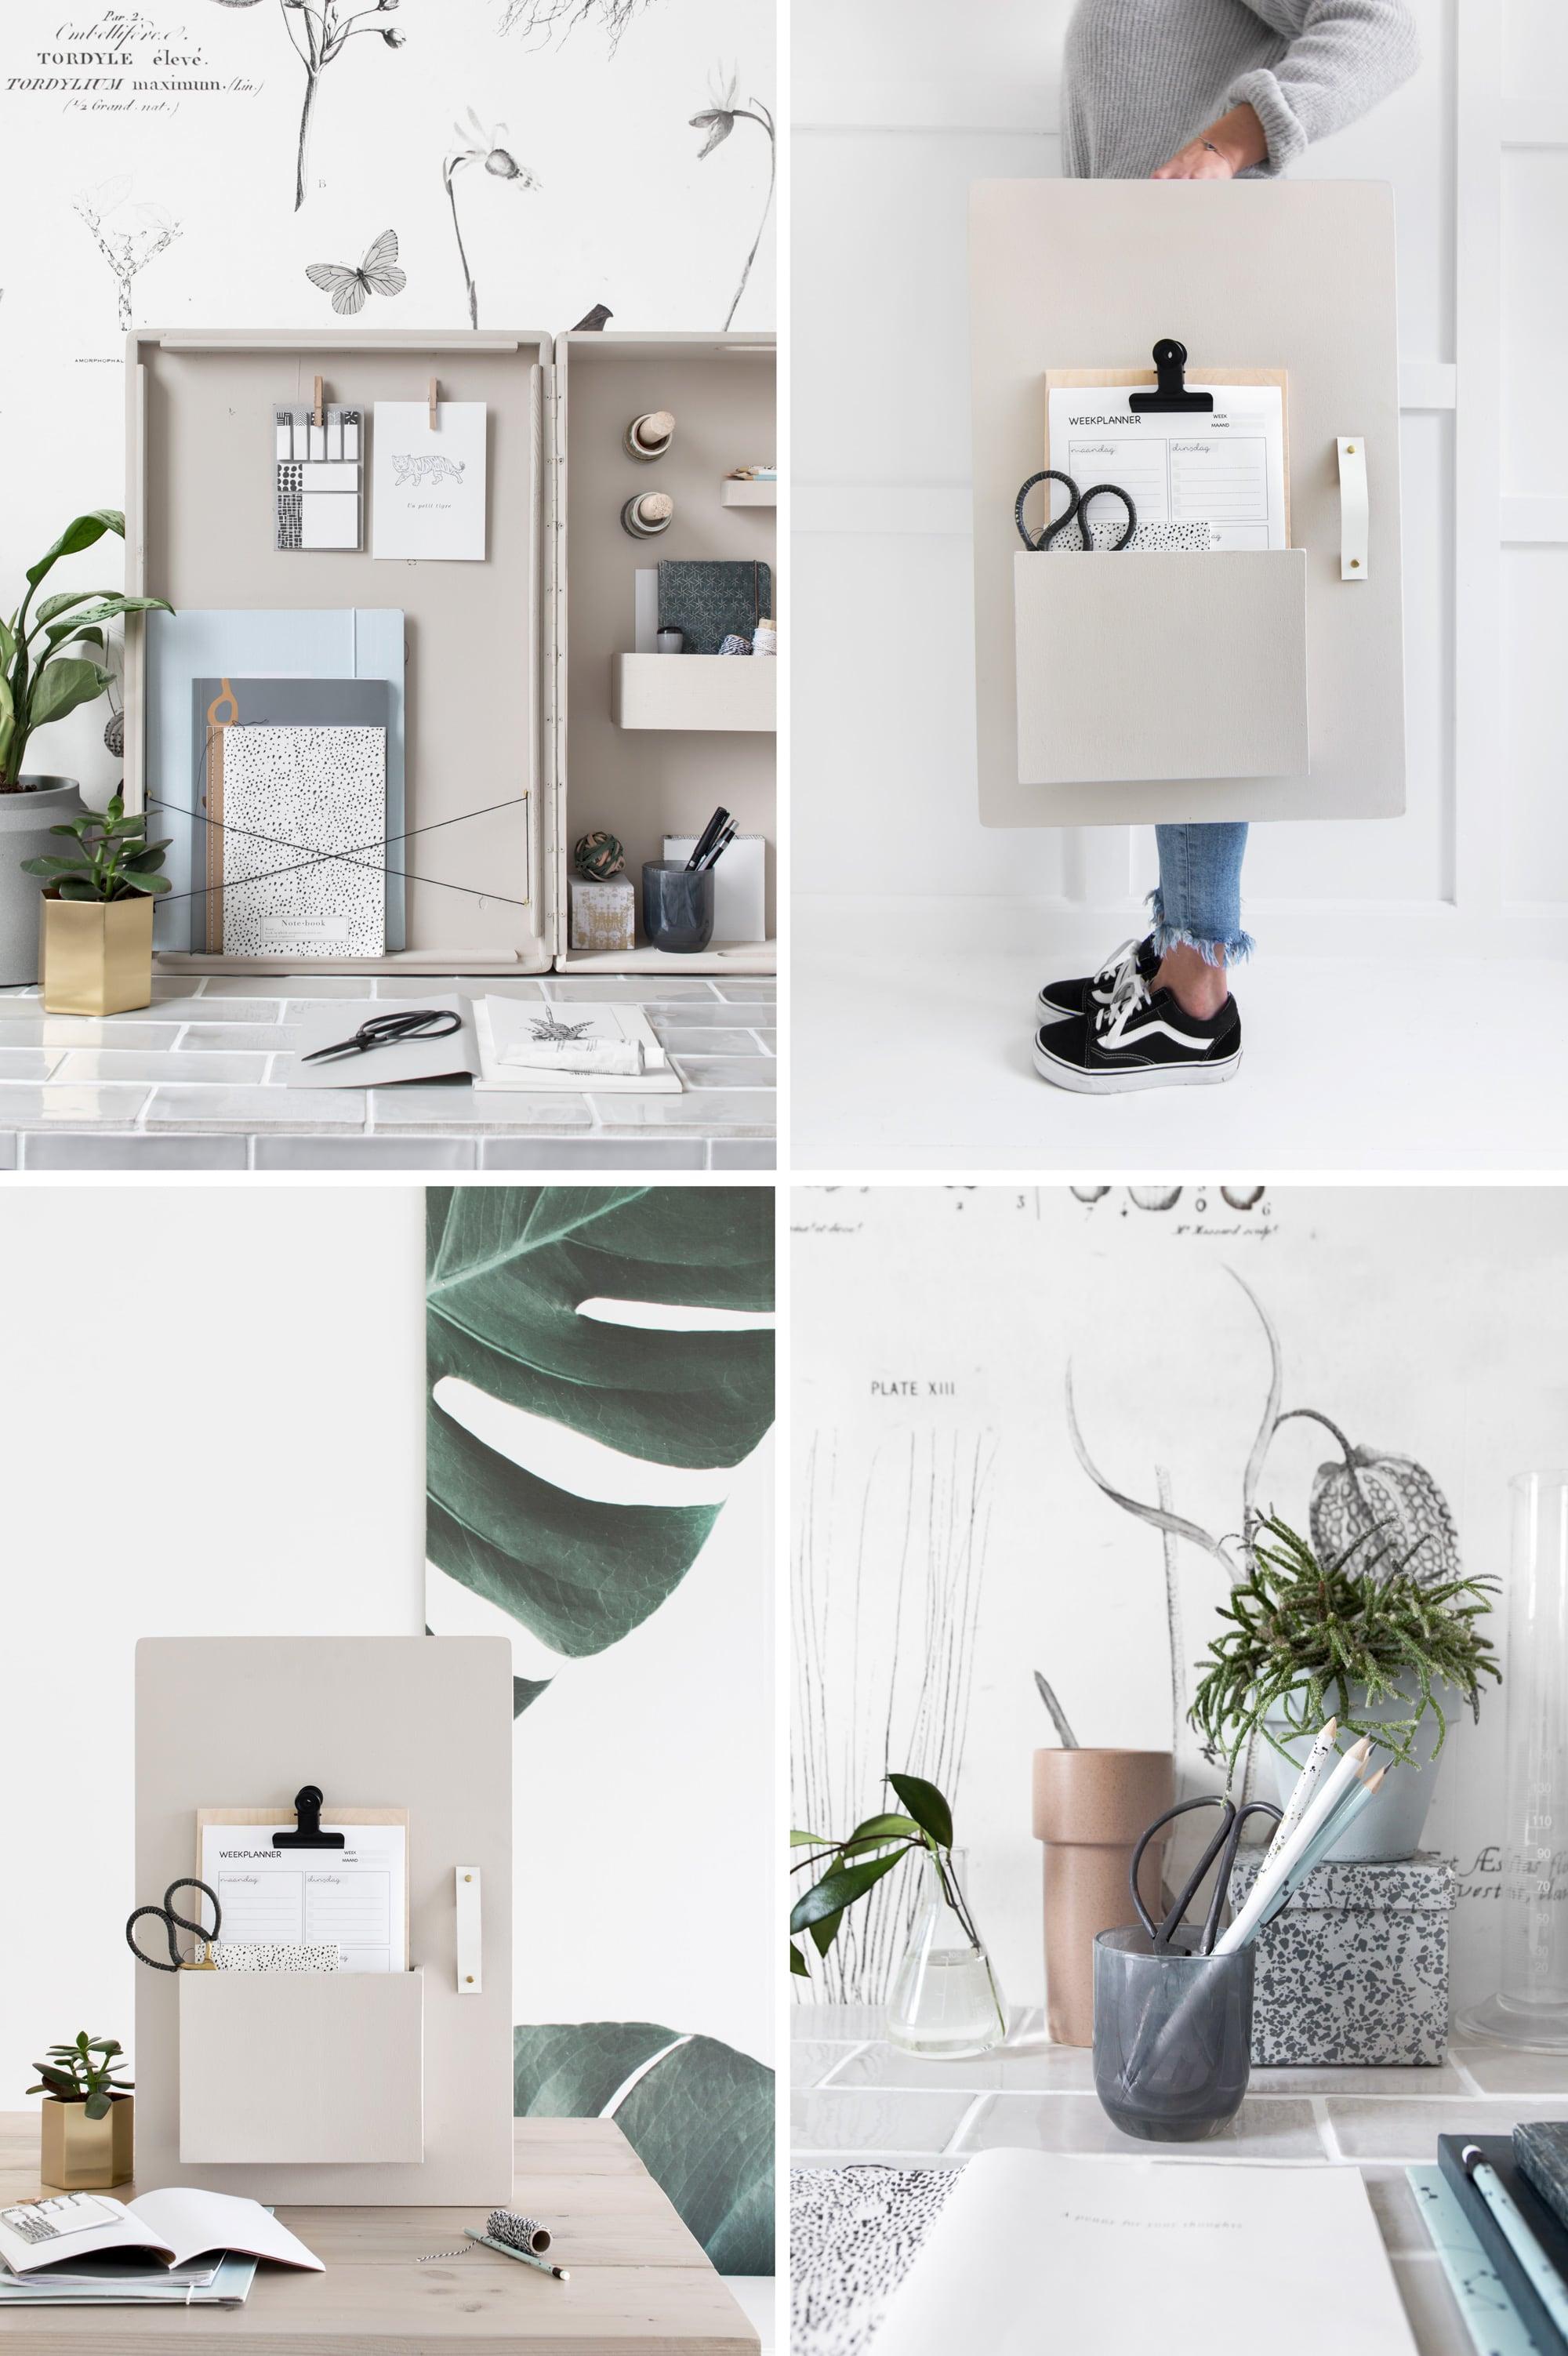 DIY opbergkastje vtwonen - door Tanja van Hoogdalem